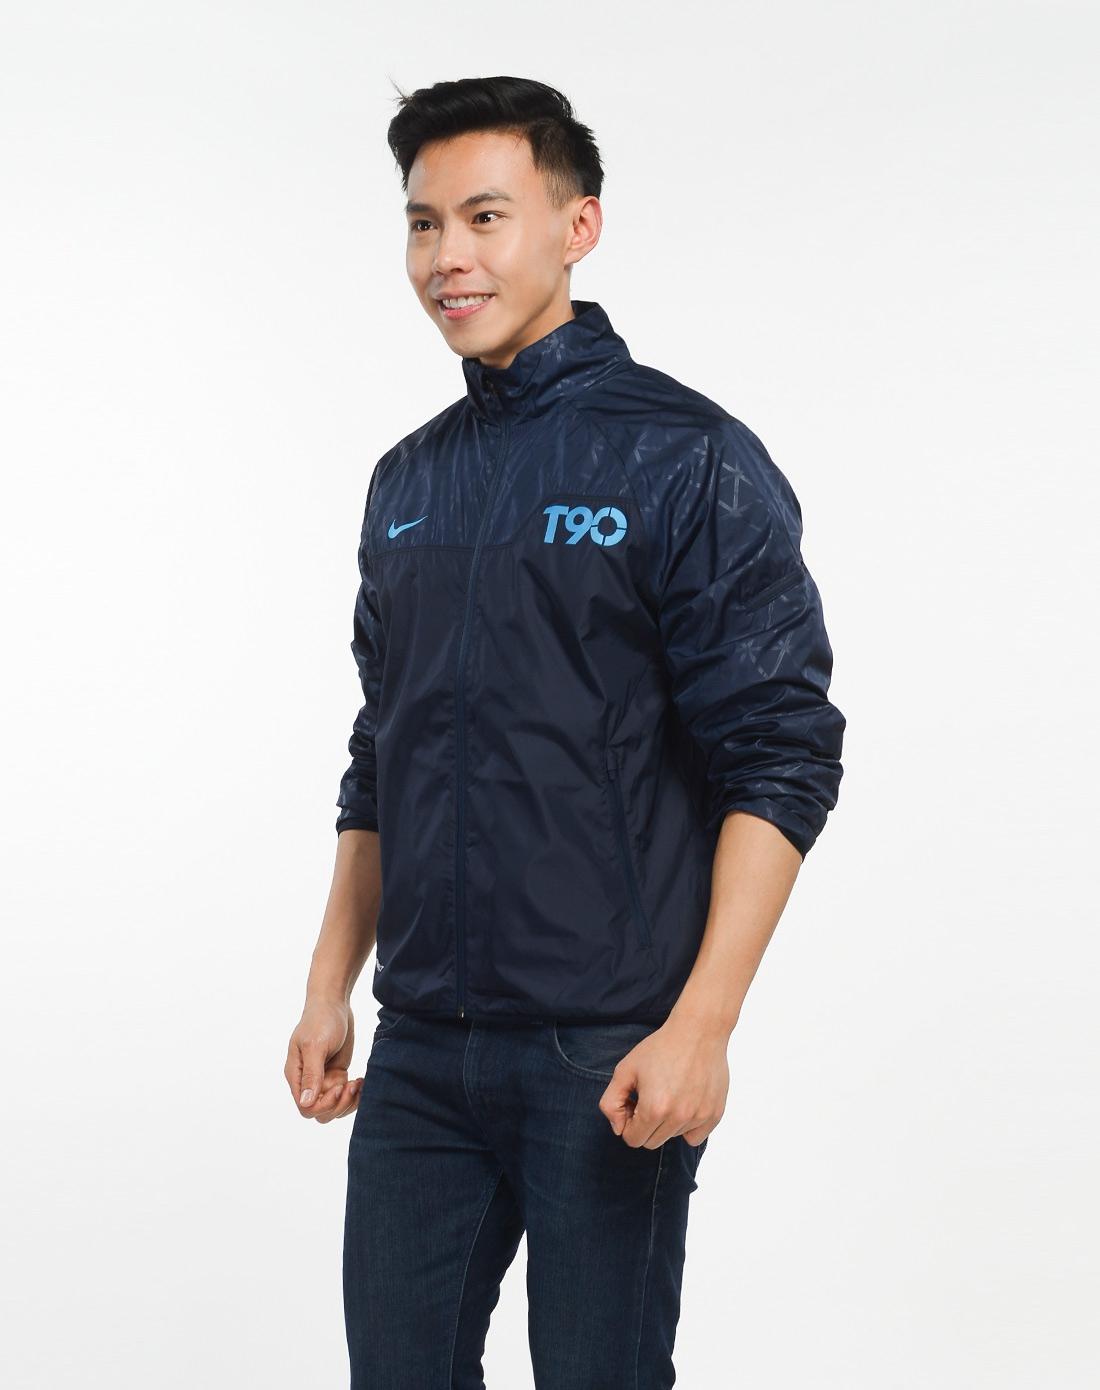 服_衬衫 衬衣 服装 工作服 制服 1100_1390 竖版 竖屏